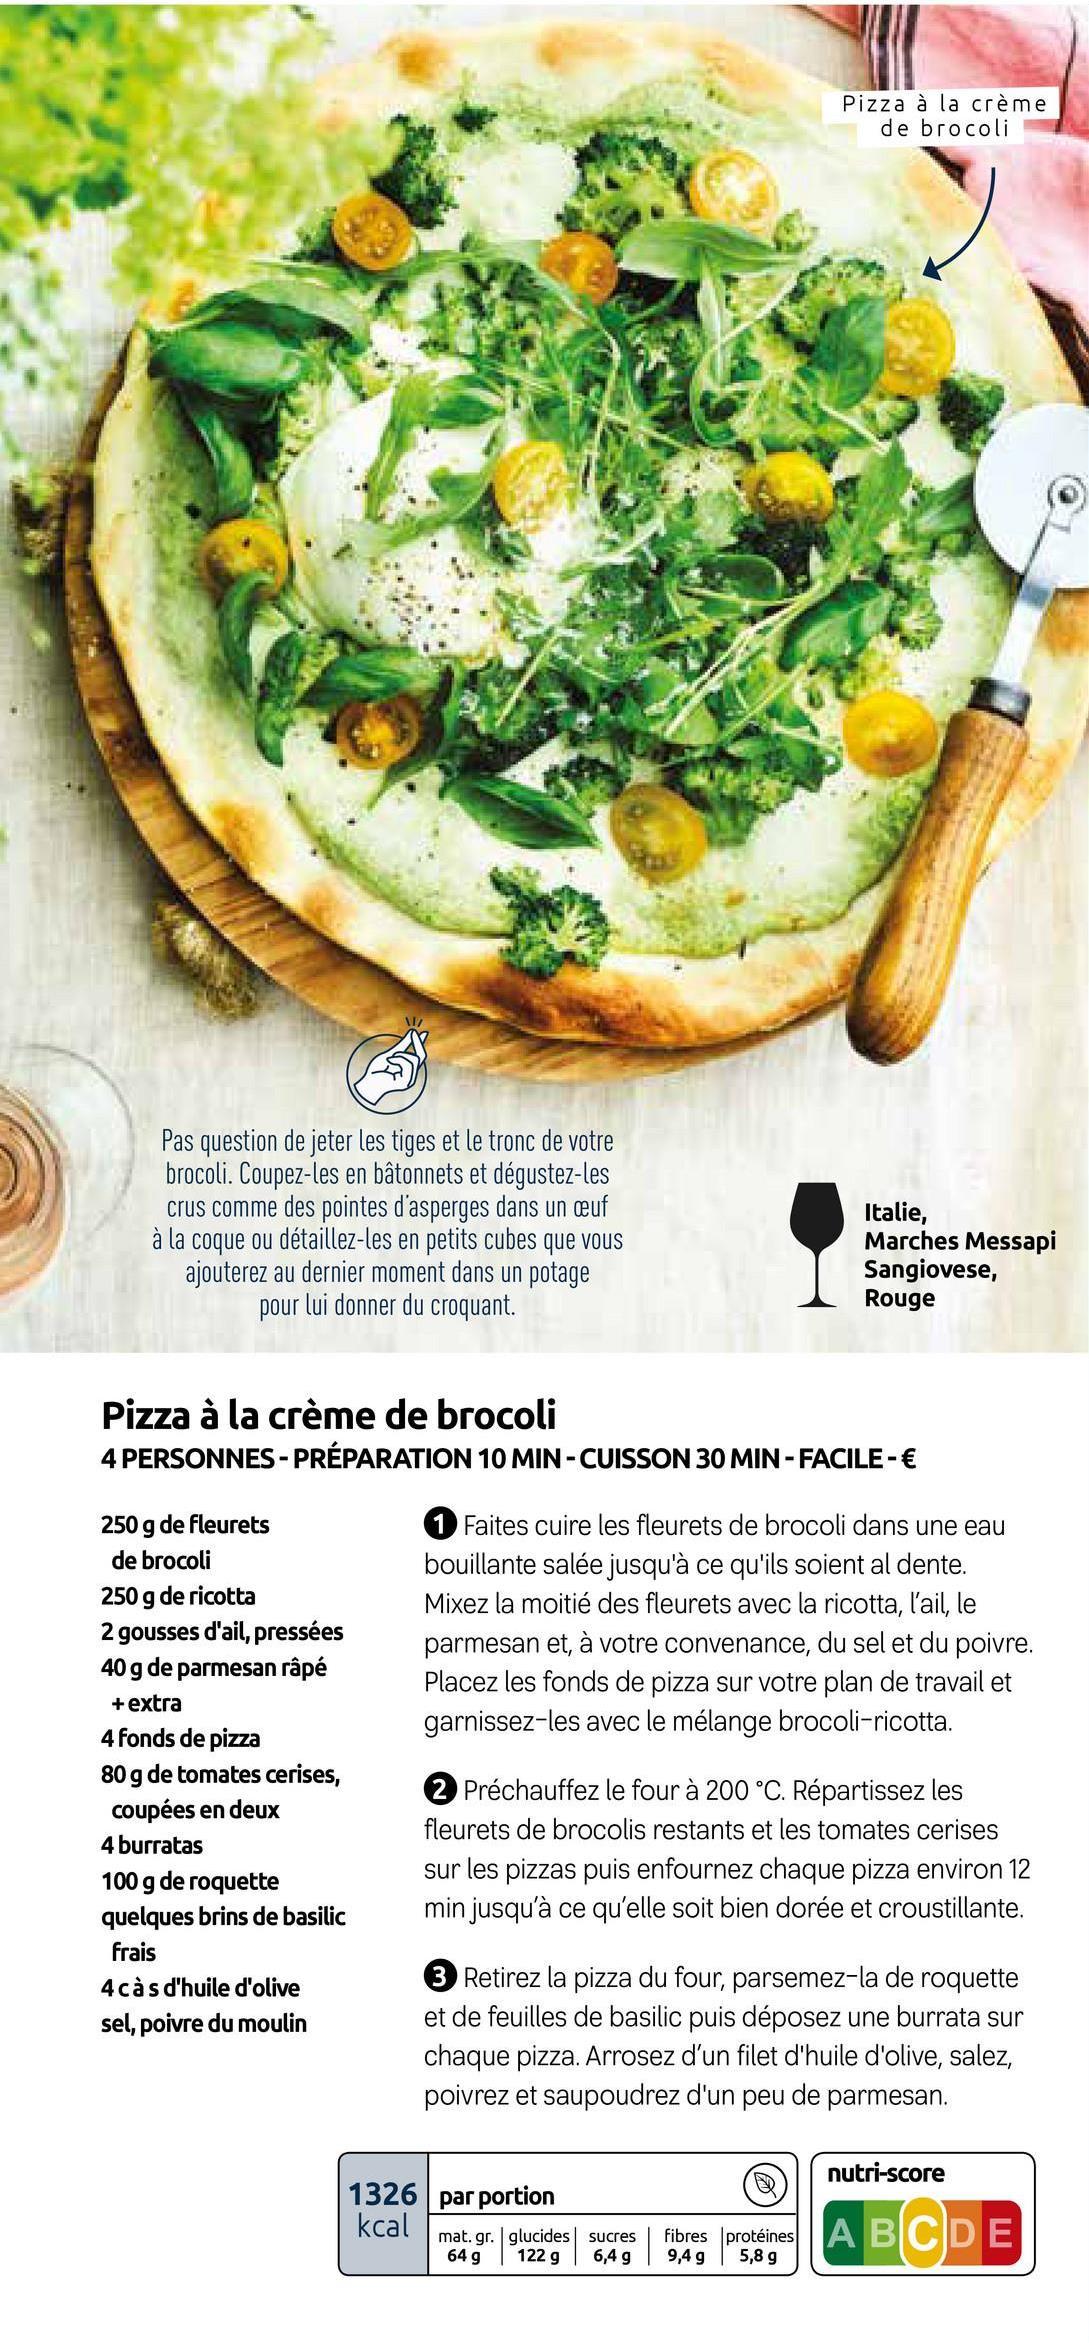 Pizza à la crème de brocoli Pas question de jeter les tiges et le tronc de votre brocoli. Coupez-les en bâtonnets et dégustez-les crus comme des pointes d'asperges dans un auf à la coque ou détaillez-les en petits cubes que vous ajouterez au dernier moment dans un potage pour lui donner du croquant. Italie, Marches Messapi Sangiovese, Rouge Pizza à la crème de brocoli 4 PERSONNES - PRÉPARATION 10 MIN-CUISSON 30 MIN-FACILE- € 1 Faites cuire les fleurets de brocoli dans une eau bouillante salée jusqu'à ce qu'ils soient al dente. Mixez la moitié des fleurets avec la ricotta, l'ail, le parmesan et, à votre convenance, du sel et du poivre. Placez les fonds de pizza sur votre plan de travail et garnissez-les avec le mélange brocoli-ricotta. 250 g de fleurets de brocoli 250 g de ricotta 2 gousses d'ail, pressées 40 g de parmesan râpé + extra 4 fonds de pizza 80 g de tomates cerises, coupées en deux 4 burratas 100 g de roquette quelques brins de basilic frais 4 càs d'huile d'olive sel, poivre du moulin 2 Préchauffez le four à 200 °C. Répartissez les fleurets de brocolis restants et les tomates cerises sur les pizzas puis enfournez chaque pizza environ 12 min jusqu'à ce qu'elle soit bien dorée et croustillante. 3 Retirez la pizza du four, parsemez-la de roquette et de feuilles de basilic puis déposez une burrata sur chaque pizza. Arrosez d'un filet d'huile d'olive, salez, poivrez et saupoudrez d'un peu de parmesan. nutri-score 1326 par portion kcal mat. gr. glucides sucres 649 122 g 6,4 g fibres protéines 9,4 g 5,8 g